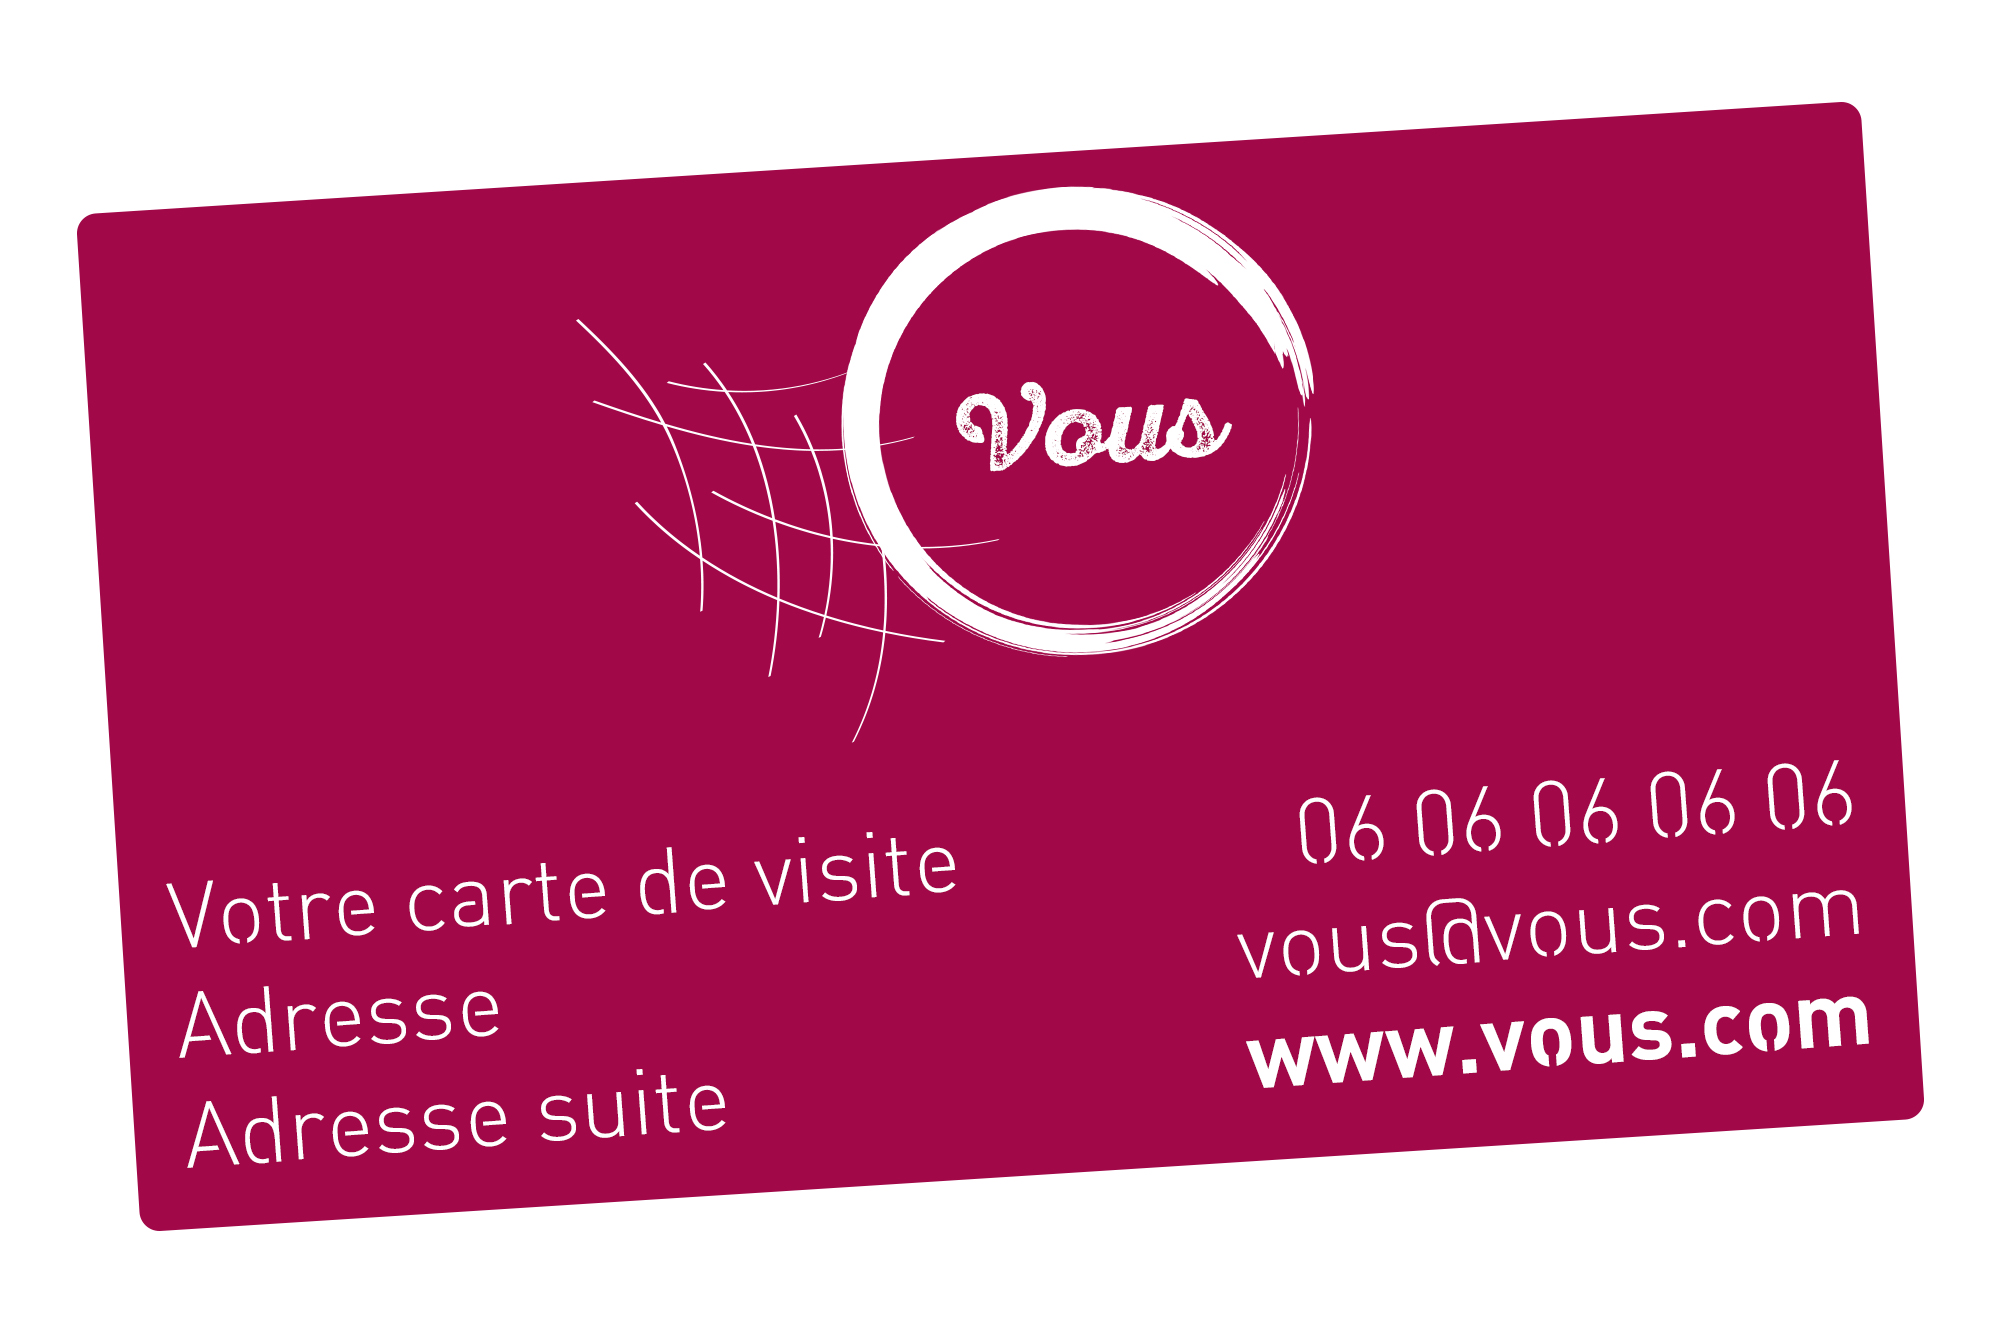 Dans le1000 Communication - pour impression cartes de visites - cartes de voeux - vitrines - voitures - cartes anniversaire - invitations